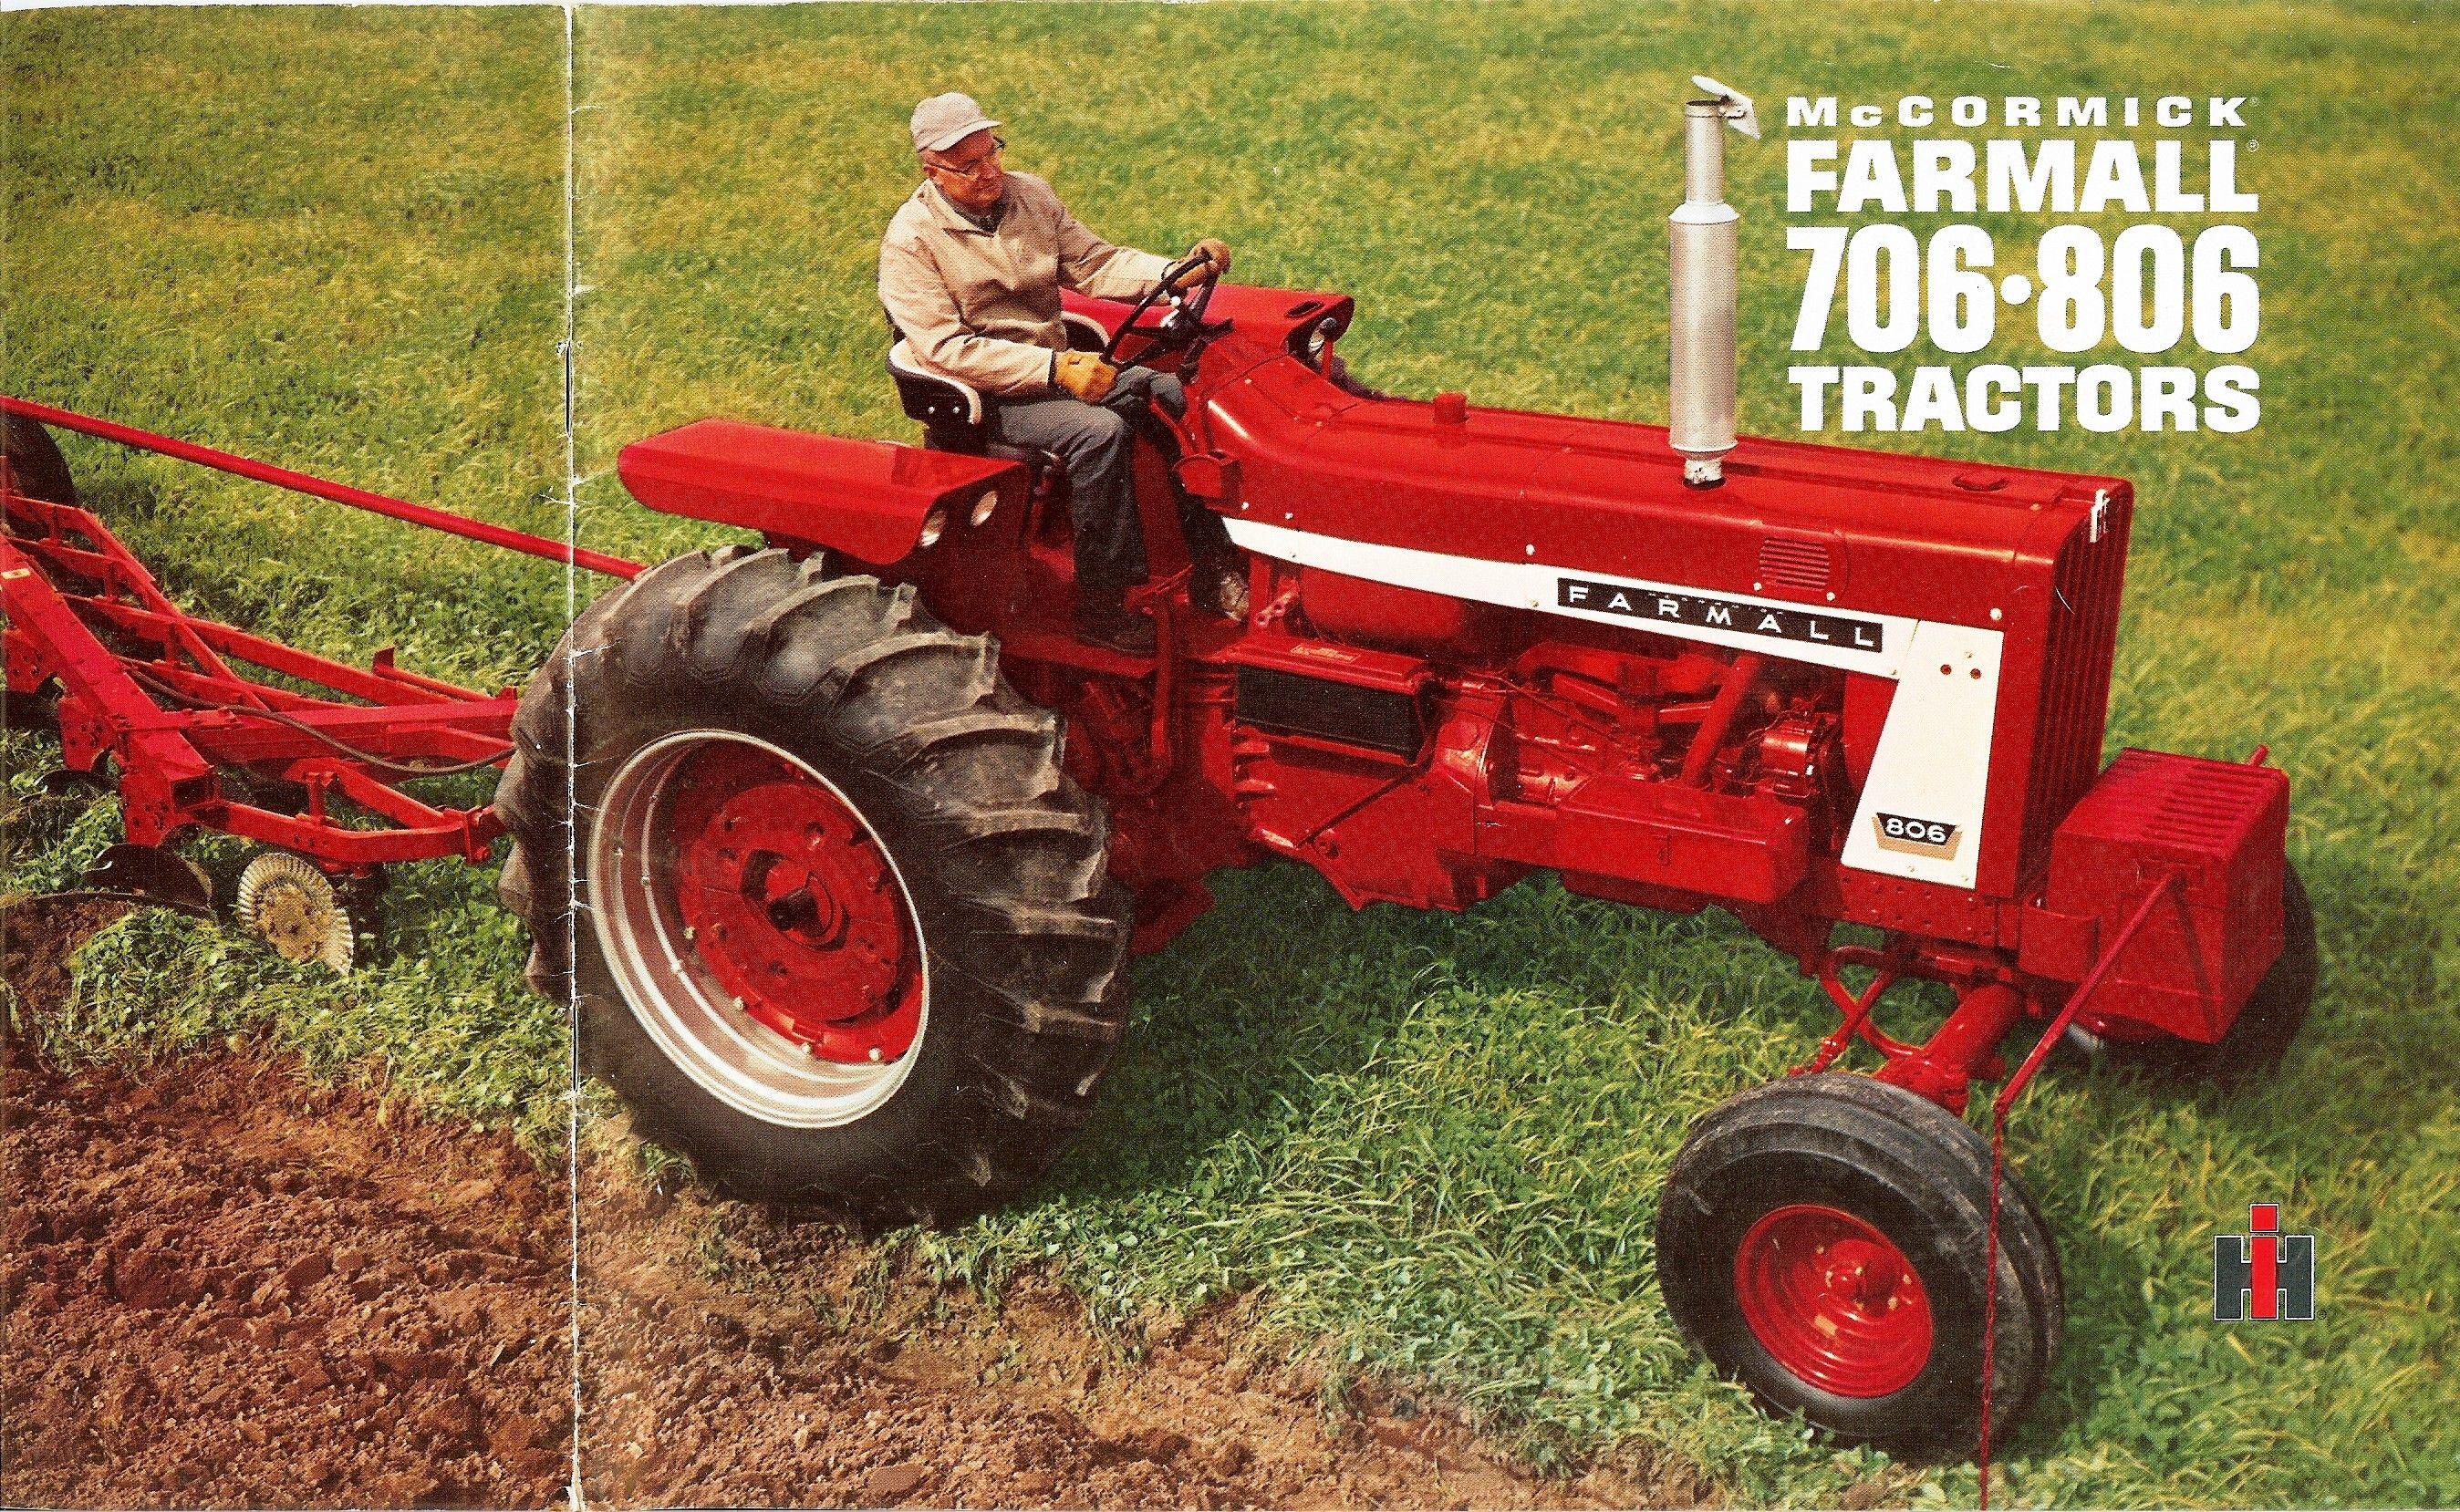 1960 International Tractor : Farmall international harvester advertising